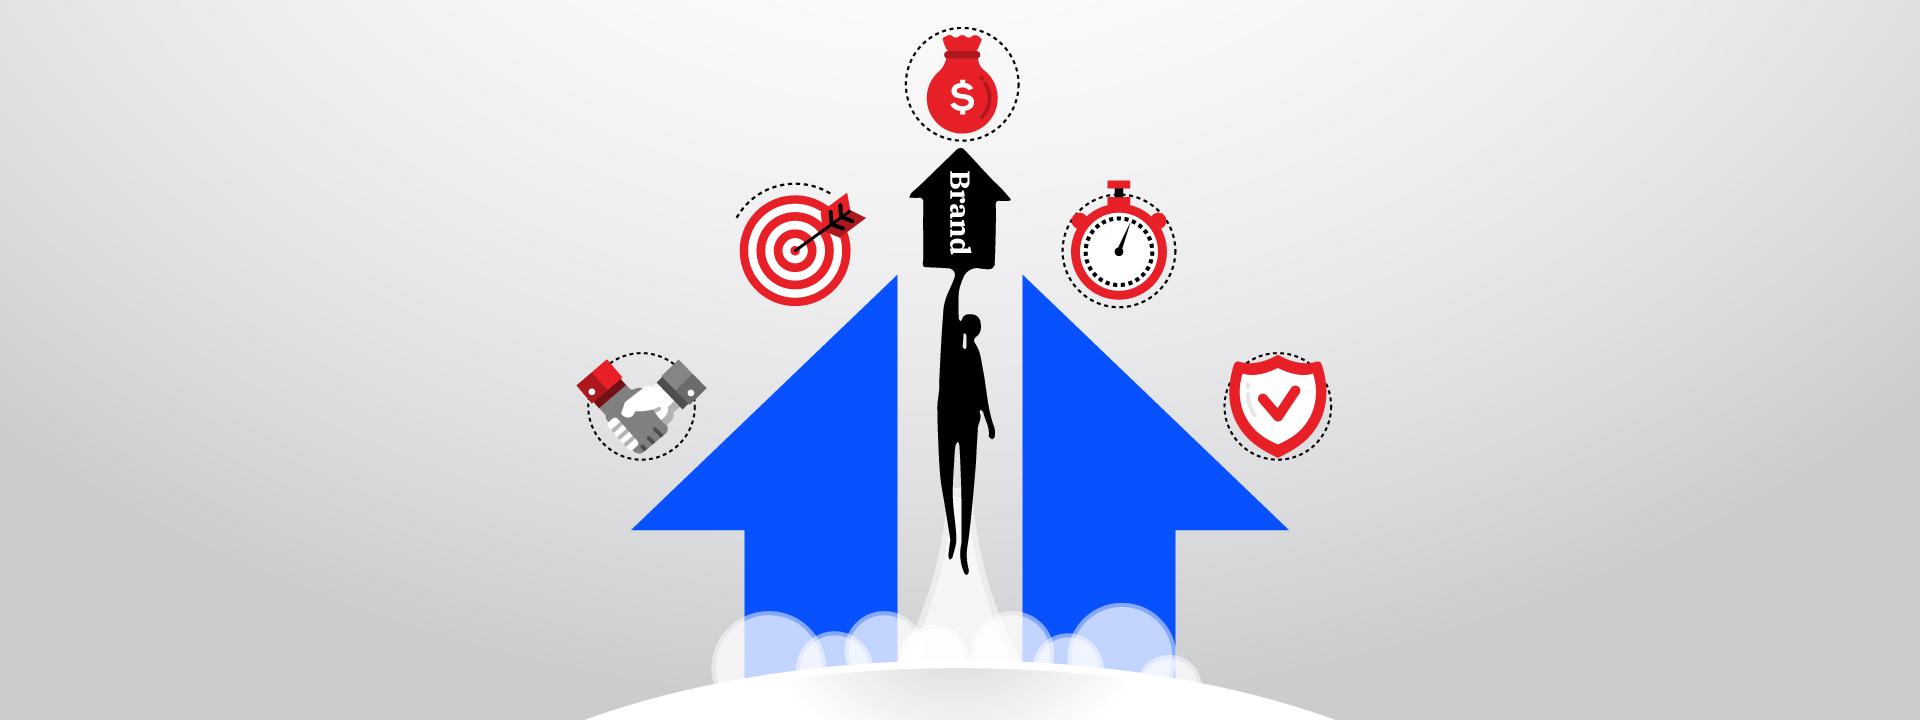 Bornite_Website_Blog_Branding-10 Benefits-Cover Art_Dec 2018_V1-02.jpg